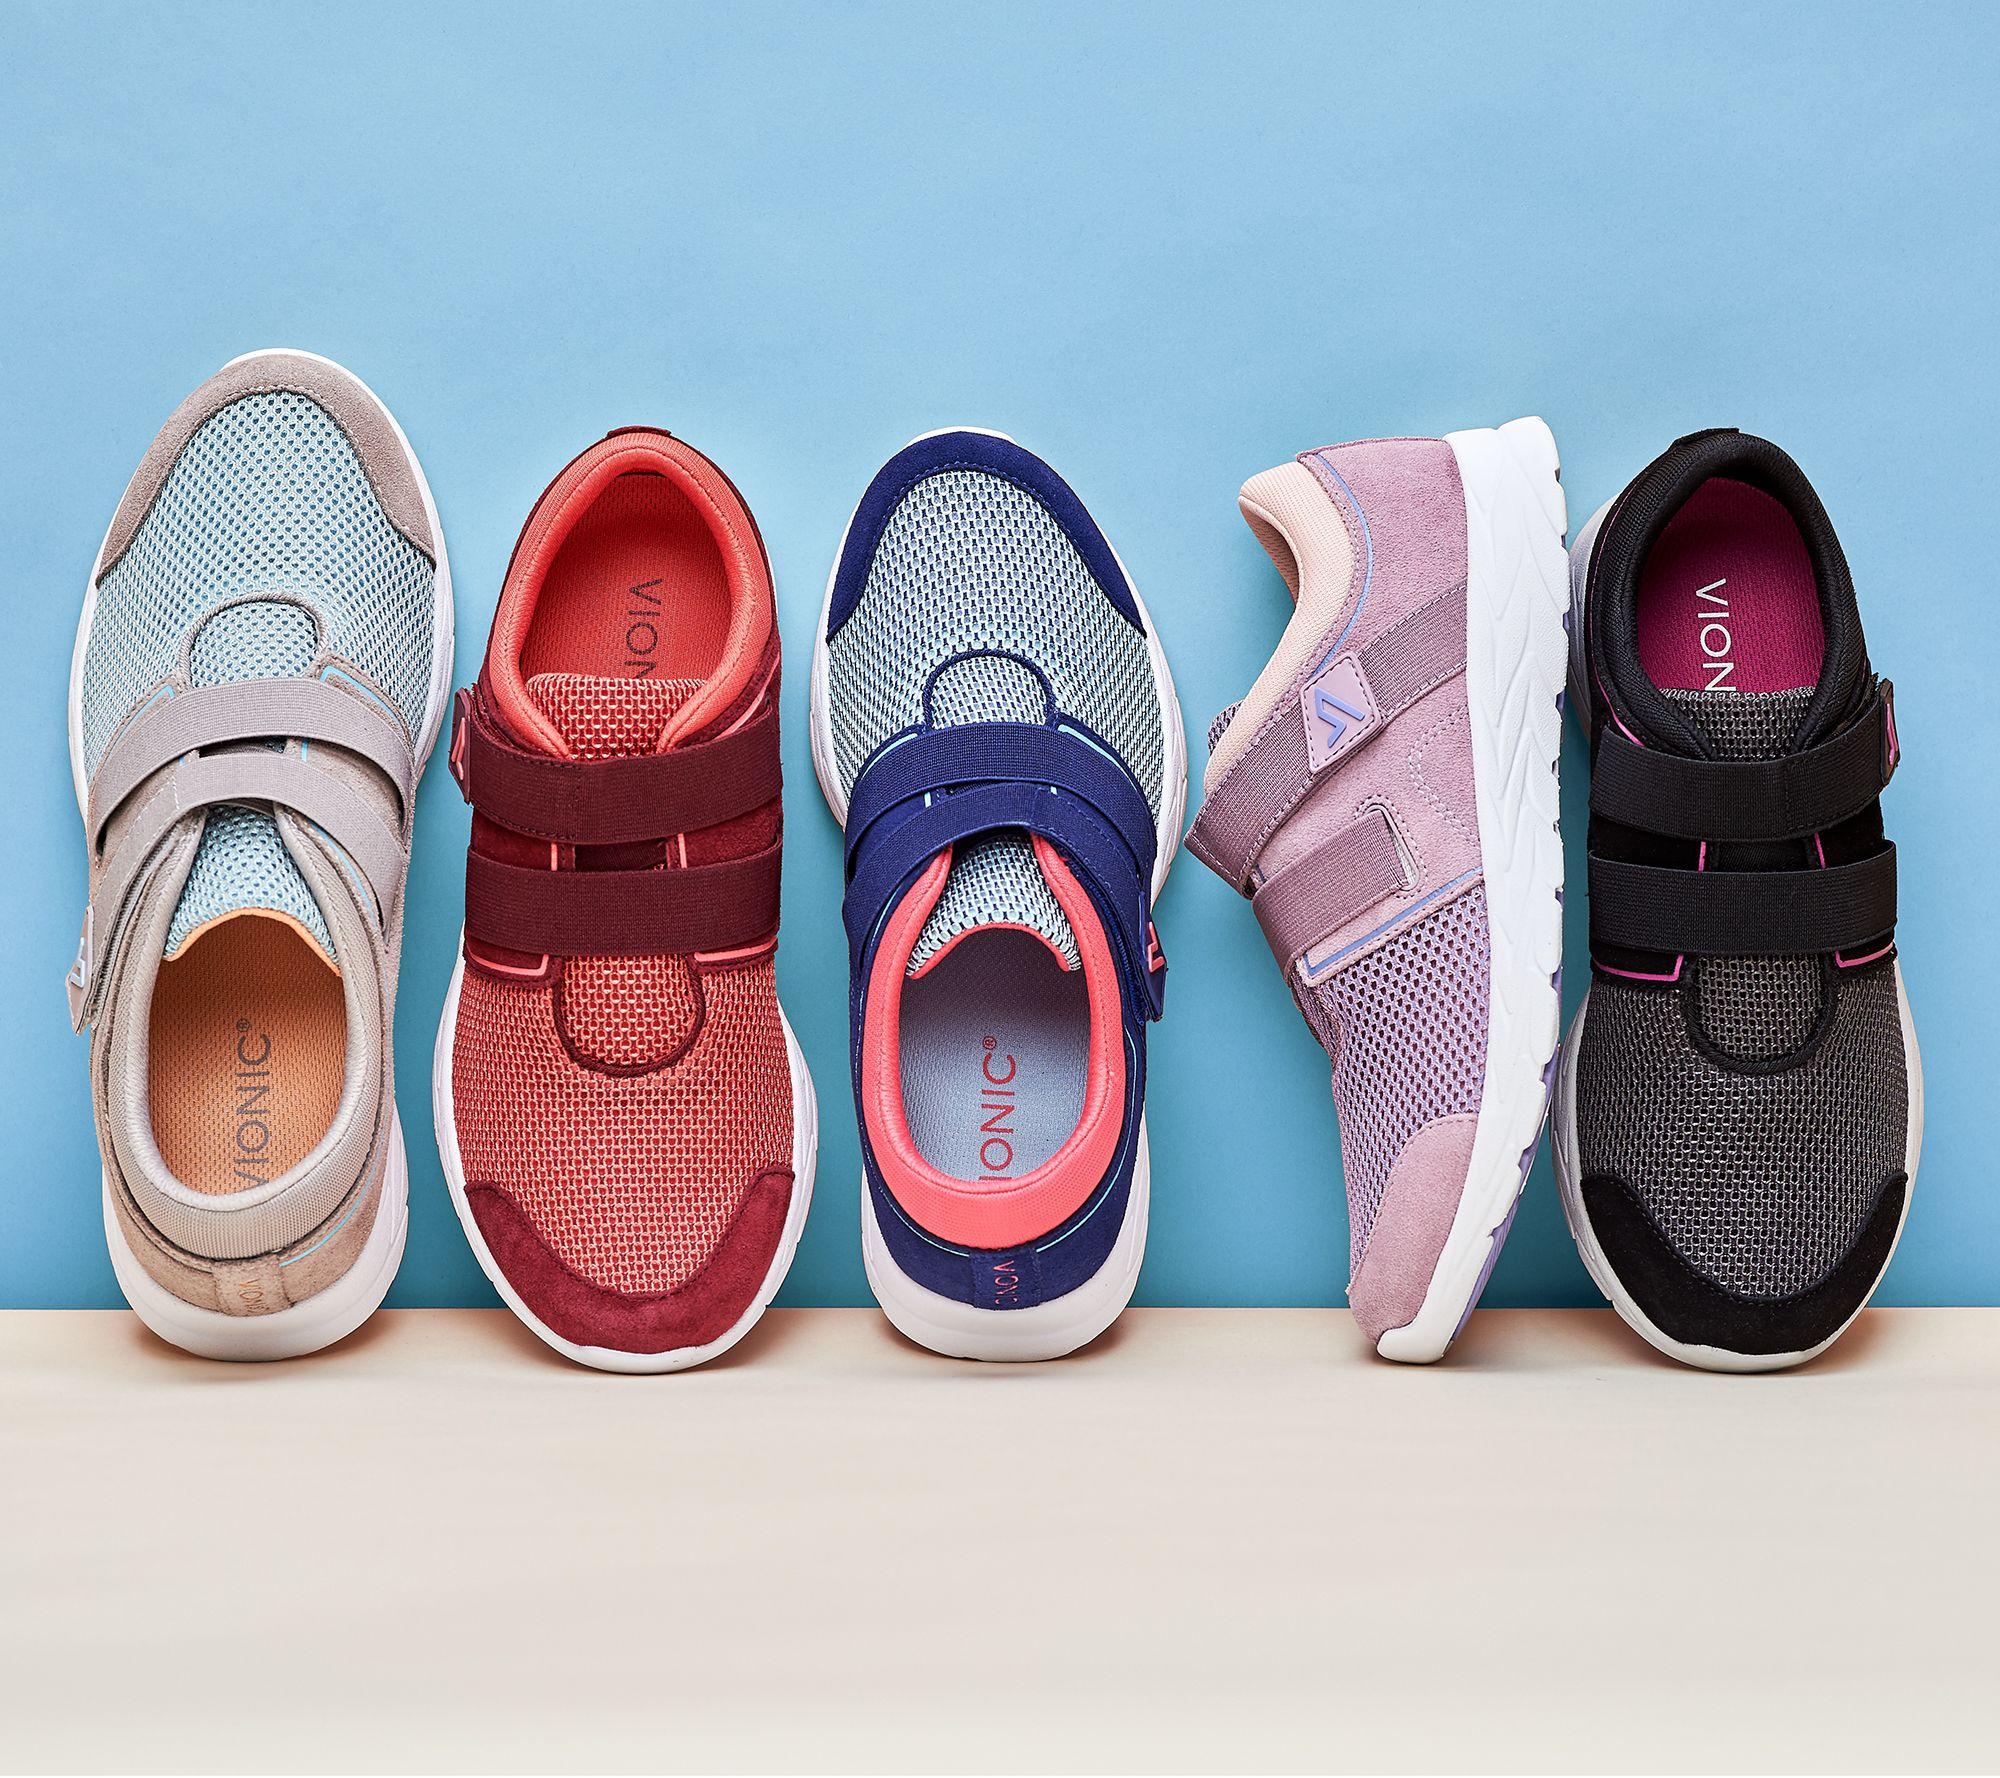 2d894166e9a69 Vionic Suede & Mesh Adjustable Sneakers - Ema — QVC.com